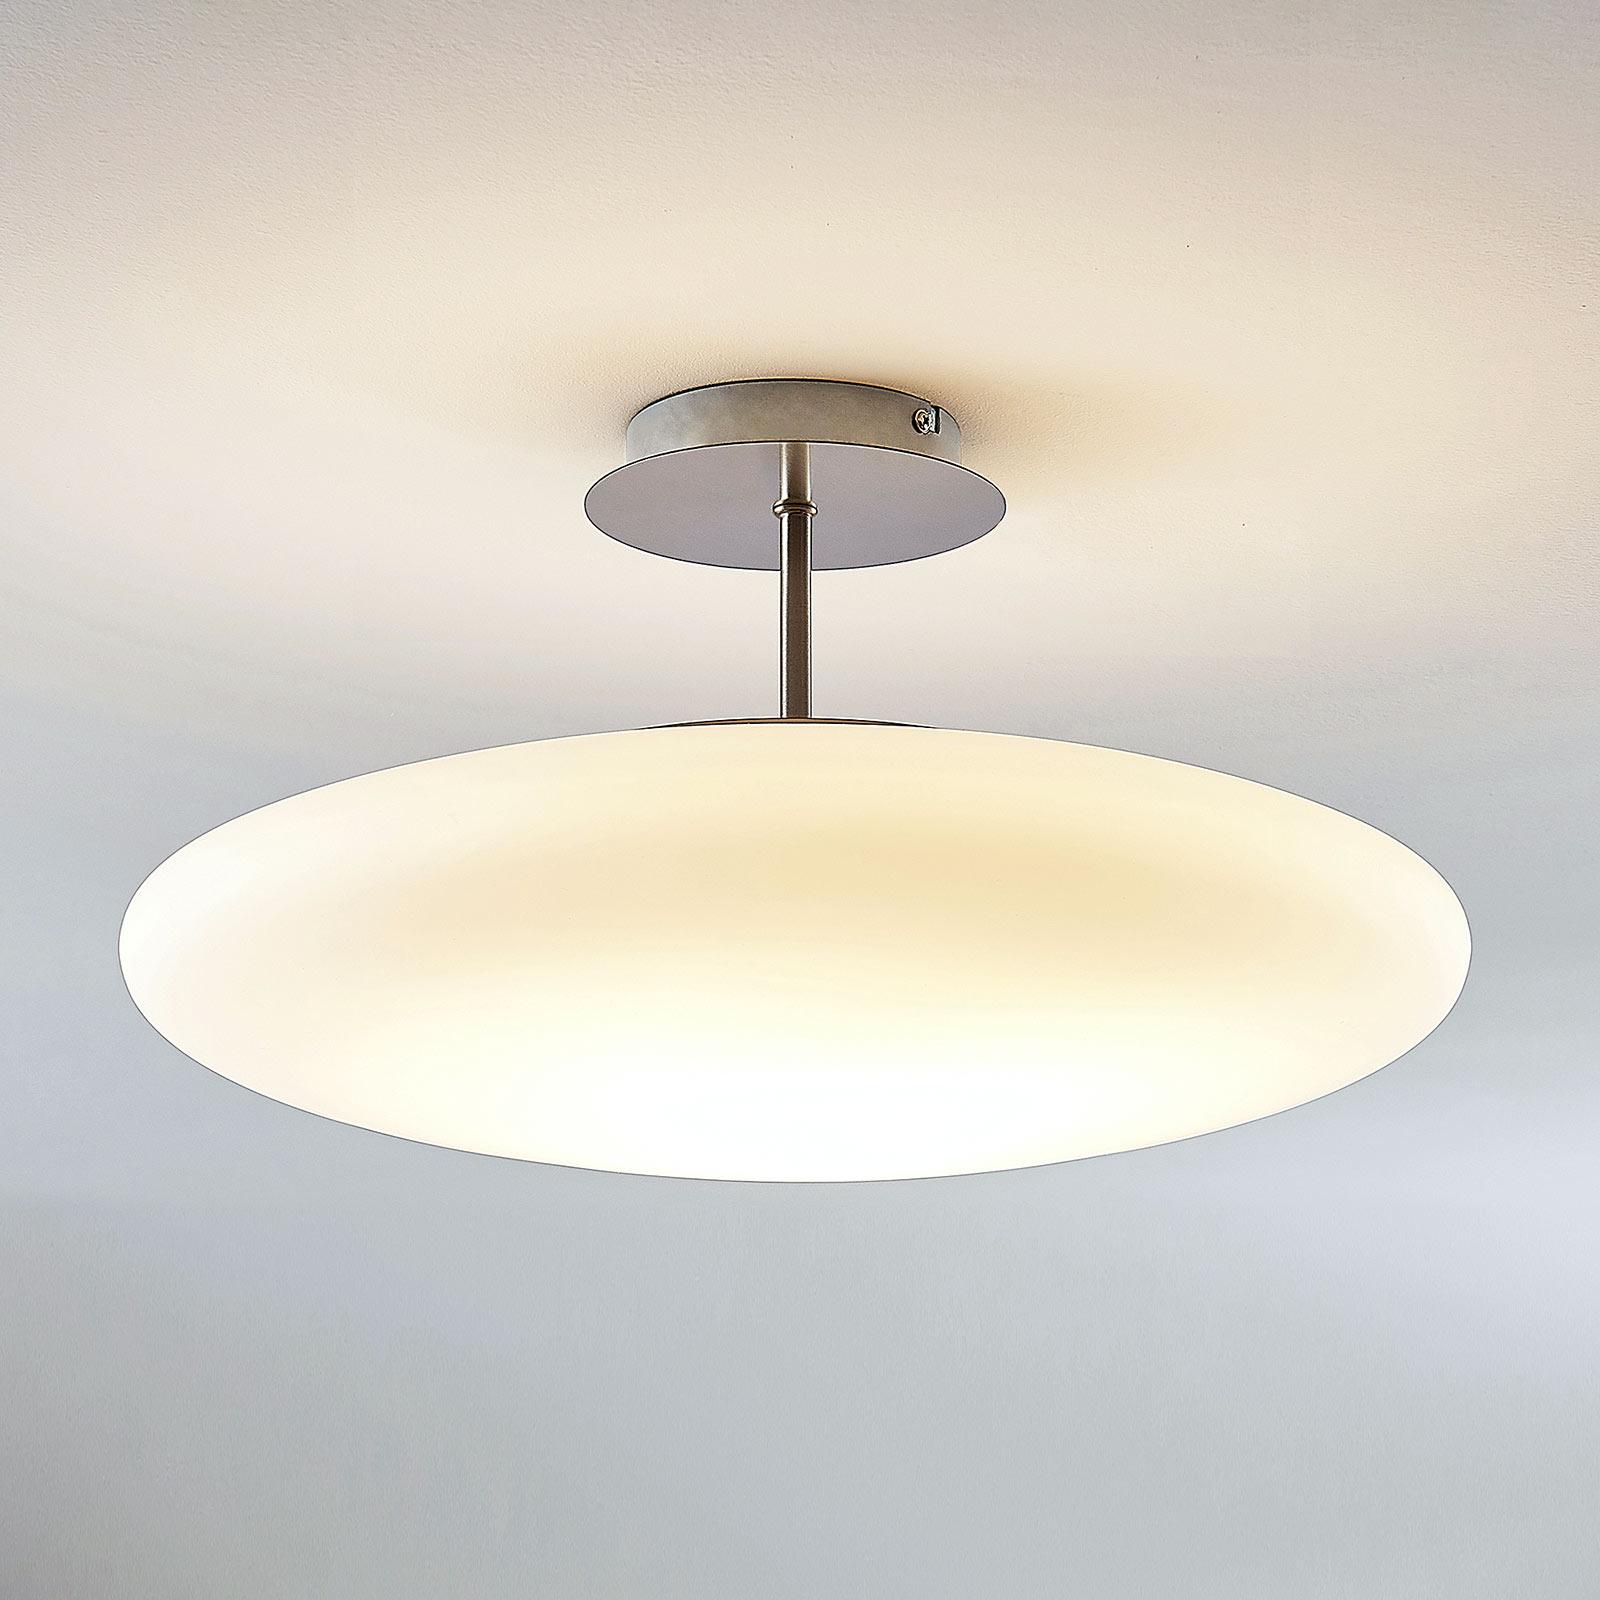 LED-Opalglas-Deckenleuchte Gunda in Weiß